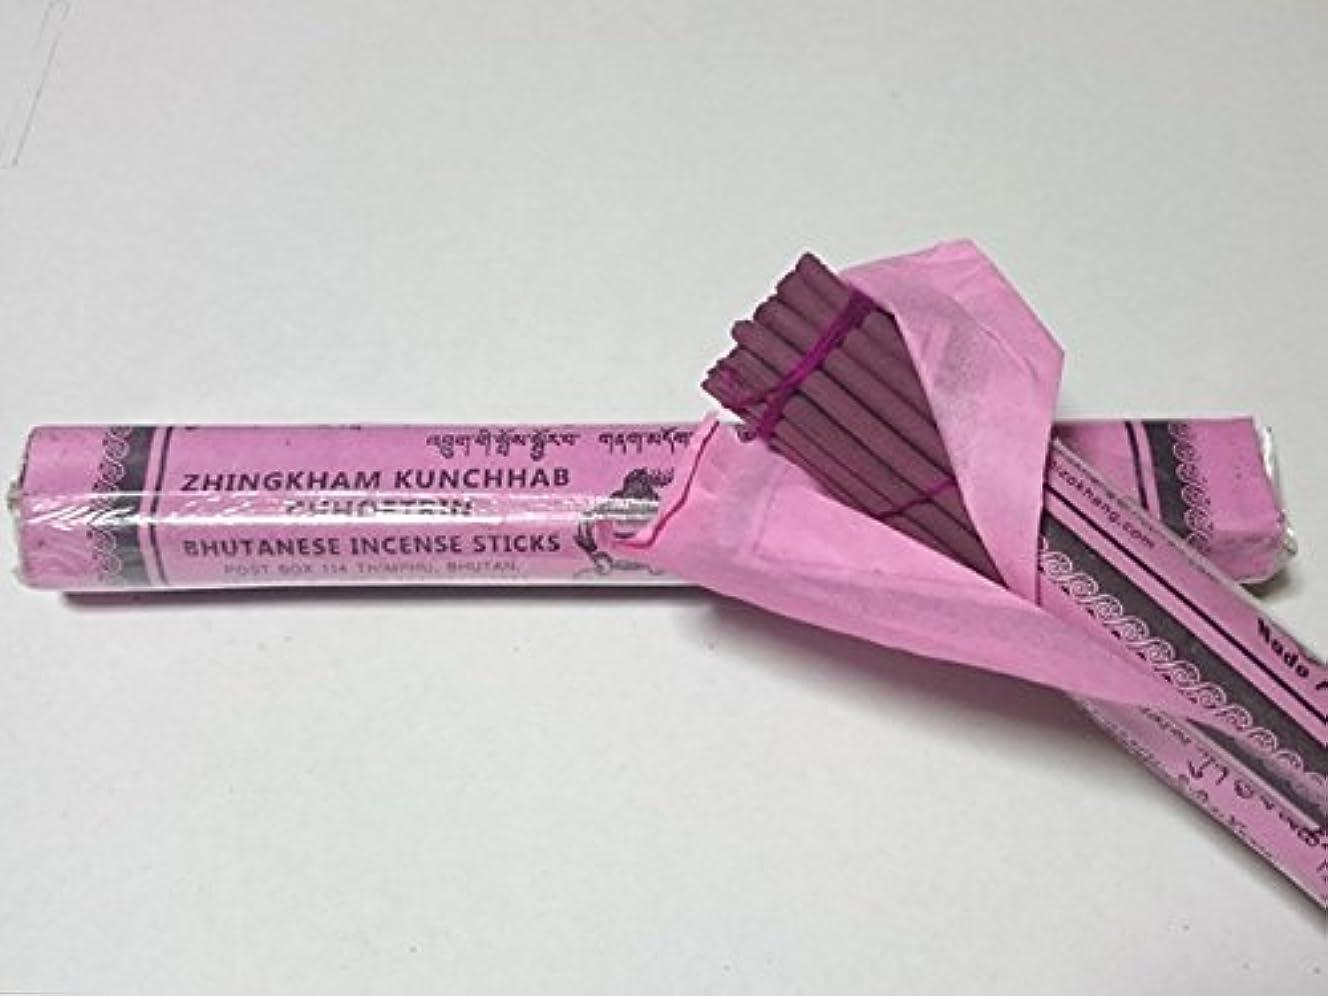 ギターアリ架空のNADO/ナドー ピンクカバー インセンス Pink Paper Rolled 約28本入り